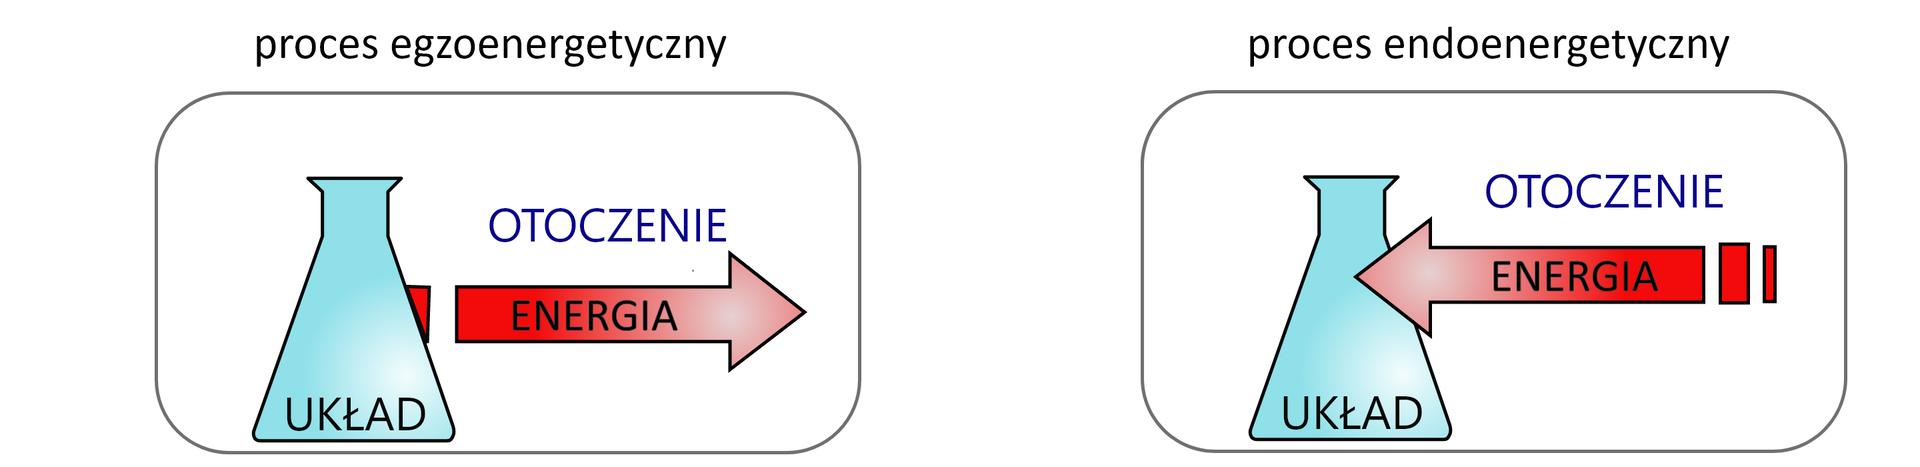 Dwie ilustracje obok siebie. Na pierwszej znich kolba stożkowa znapisem UKŁAD, od kolby strzałka na zewnątrz znapisem energia. Nad strzałką napis otoczenie. Na drugiej ilustracji strzałka zenergią skierowana jest odwrotnie, czyli wstronę naczynia laboratoryjnego.